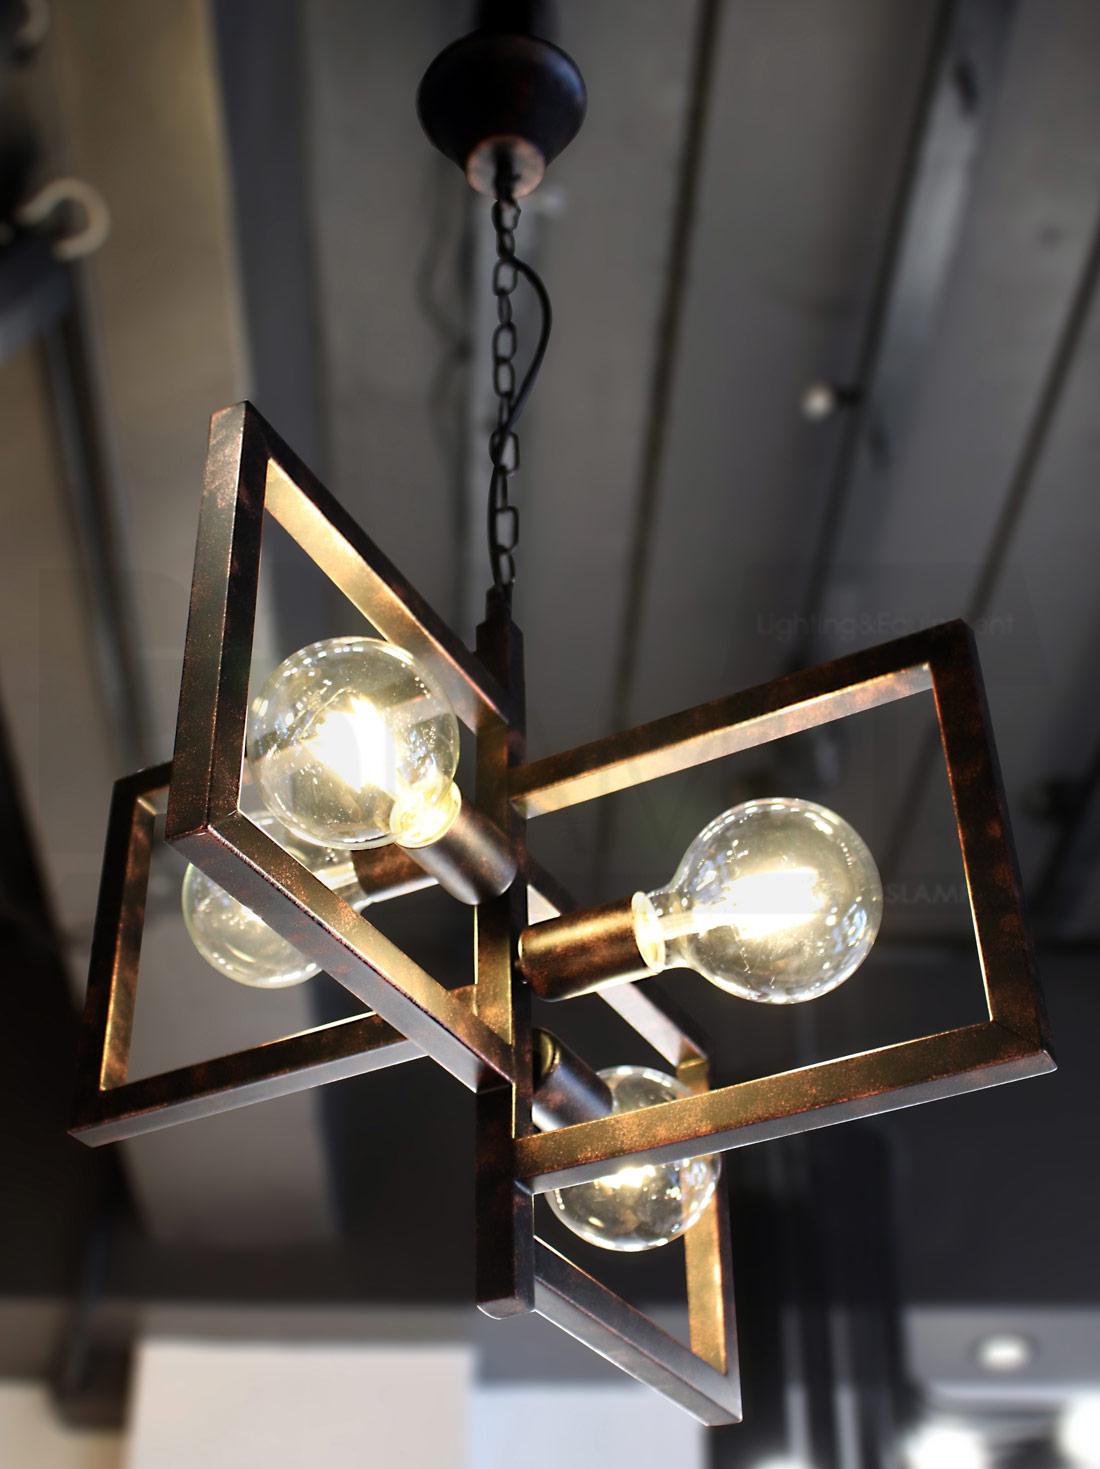 โคมไฟห้อย โคมไฟแขวน ร้านโคมไฟ ร้านขายโคมไฟ ORESA-RT-4